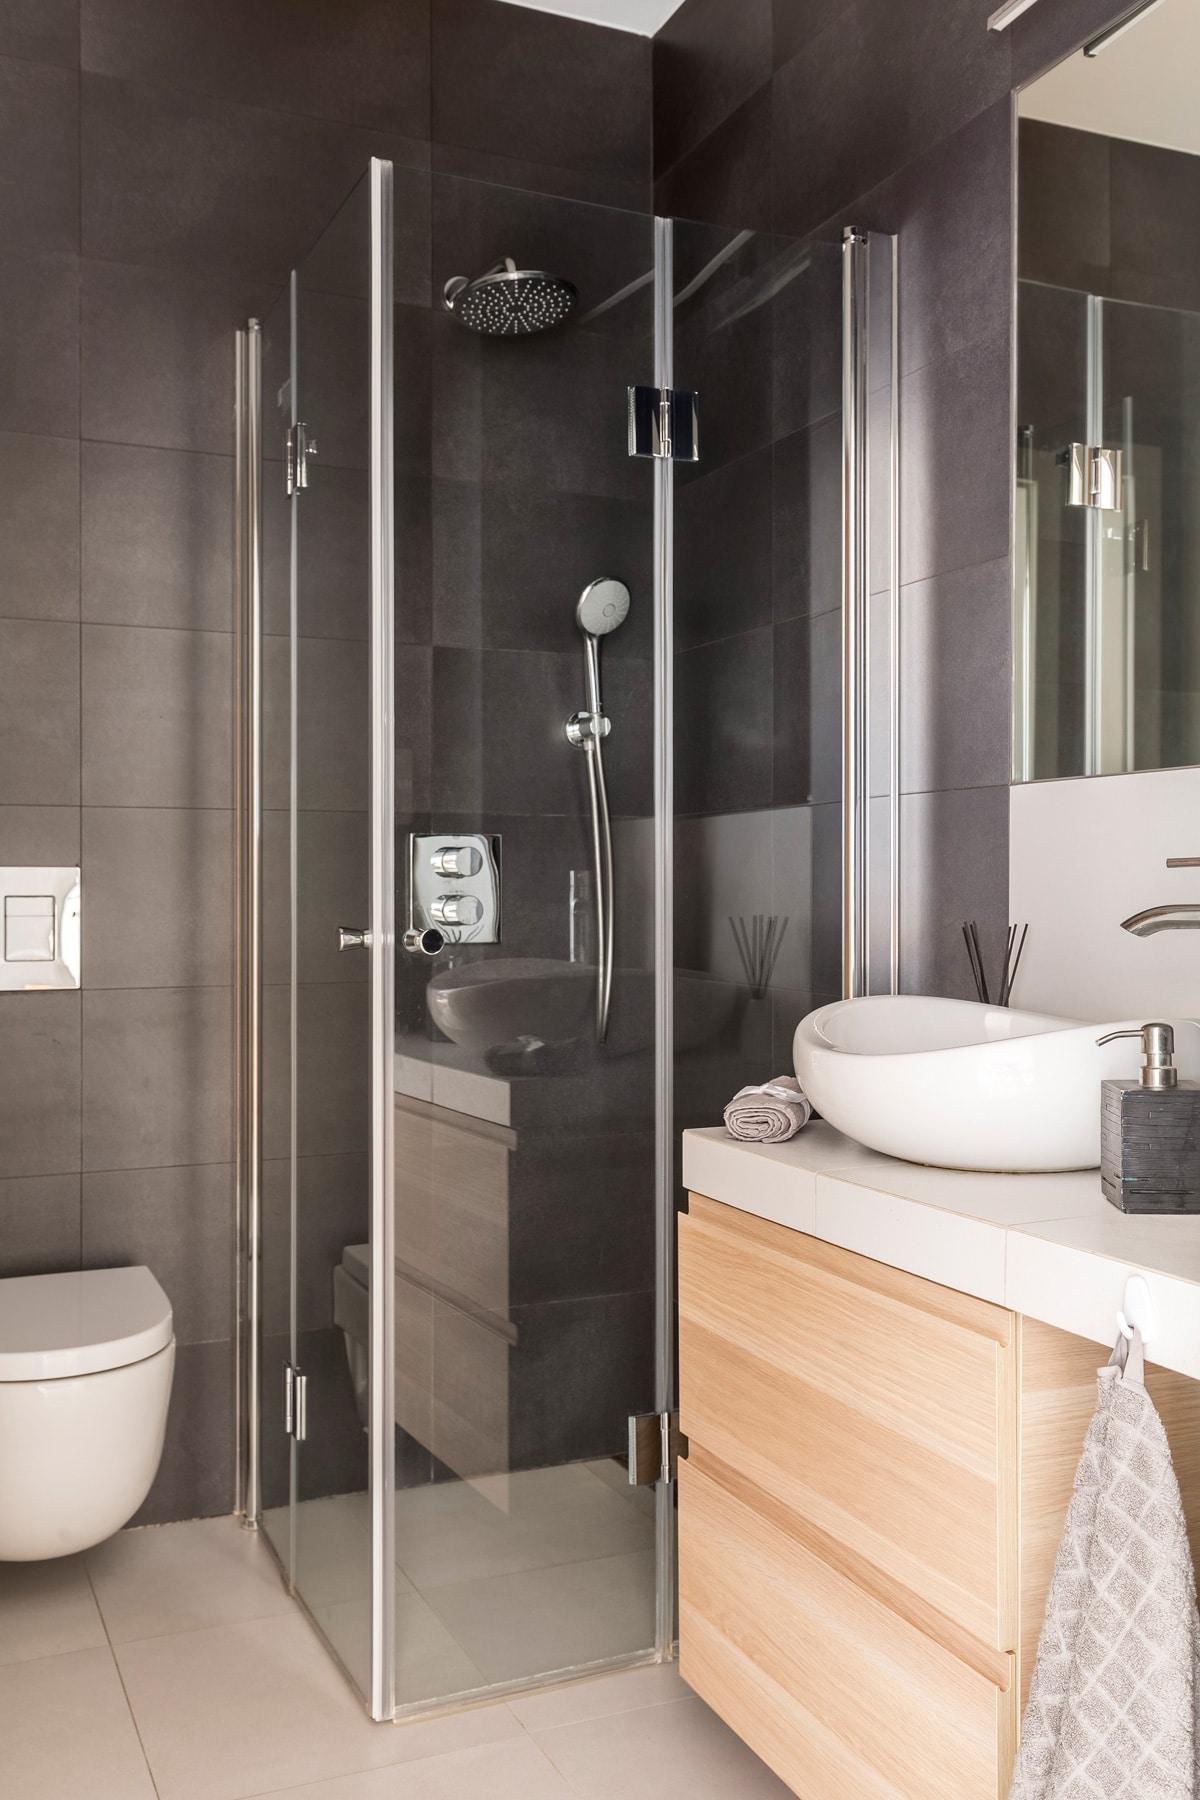 Aranżacja Małej łazienki W Bloku Deko Radypl